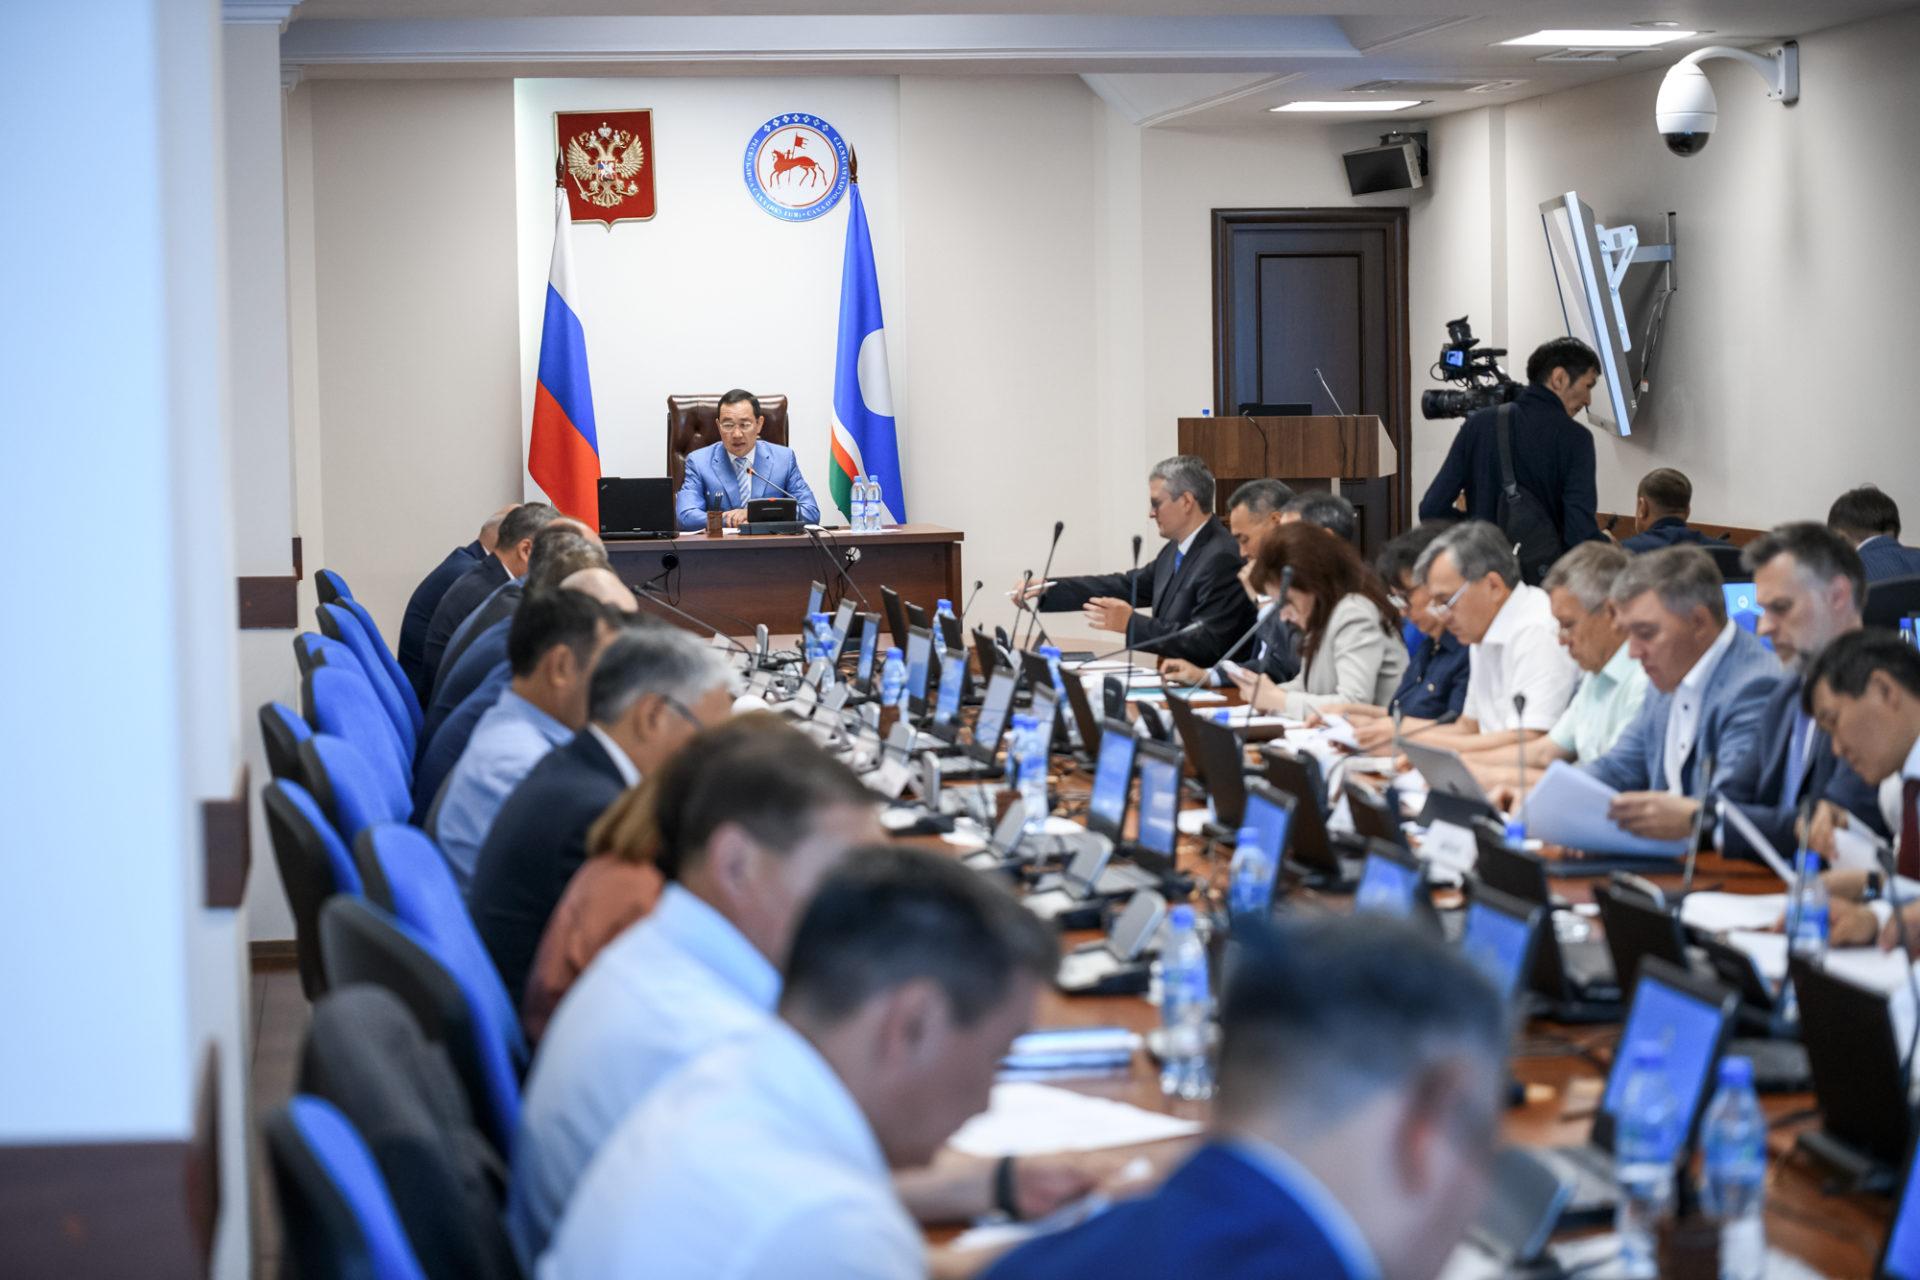 Комиссия по противодействию коррупции рассмотрела соблюдение антикоррупционных стандартов в госучреждениях